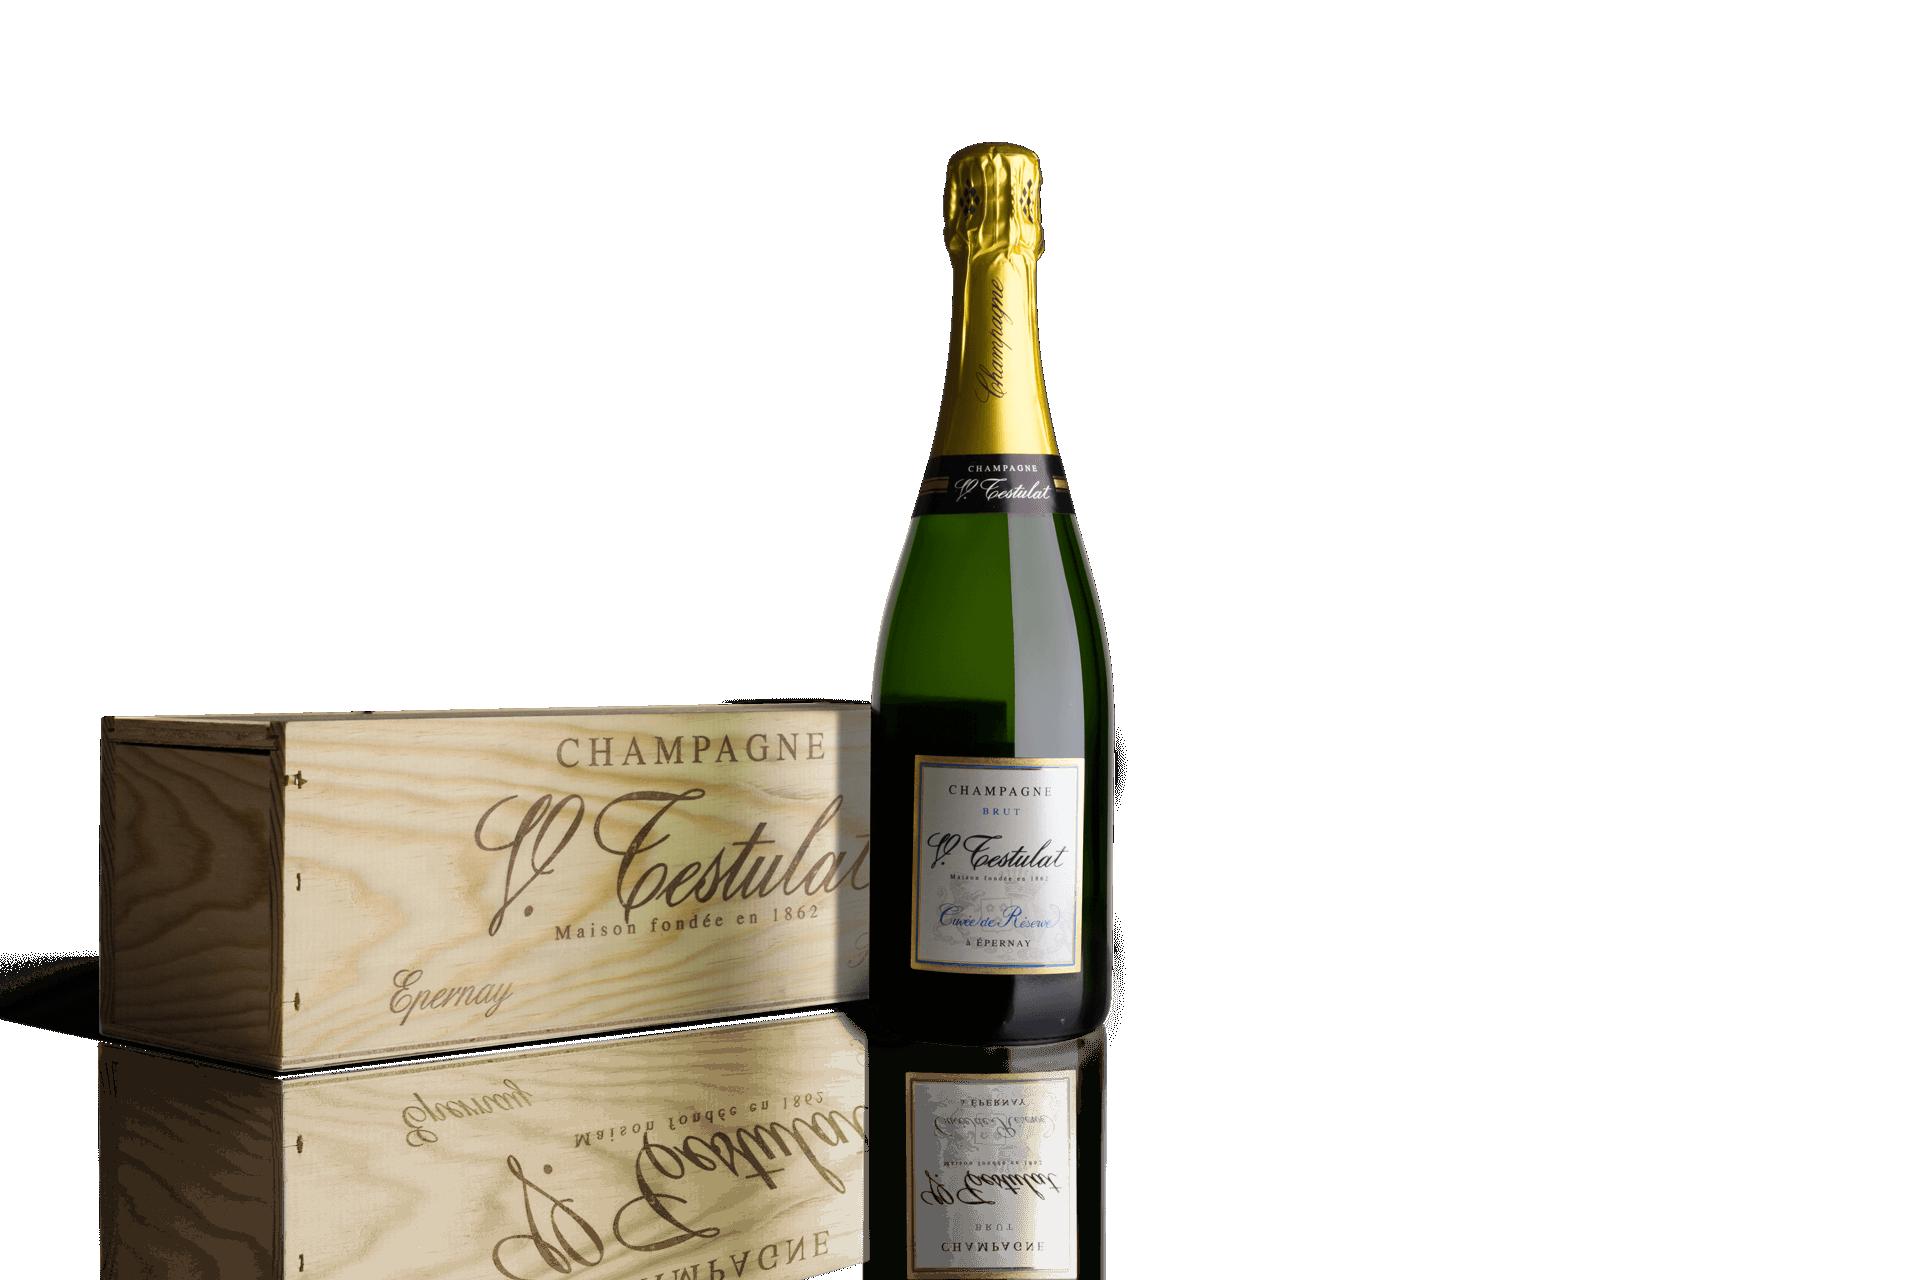 champagne 1 bouteille pour combien de personnes